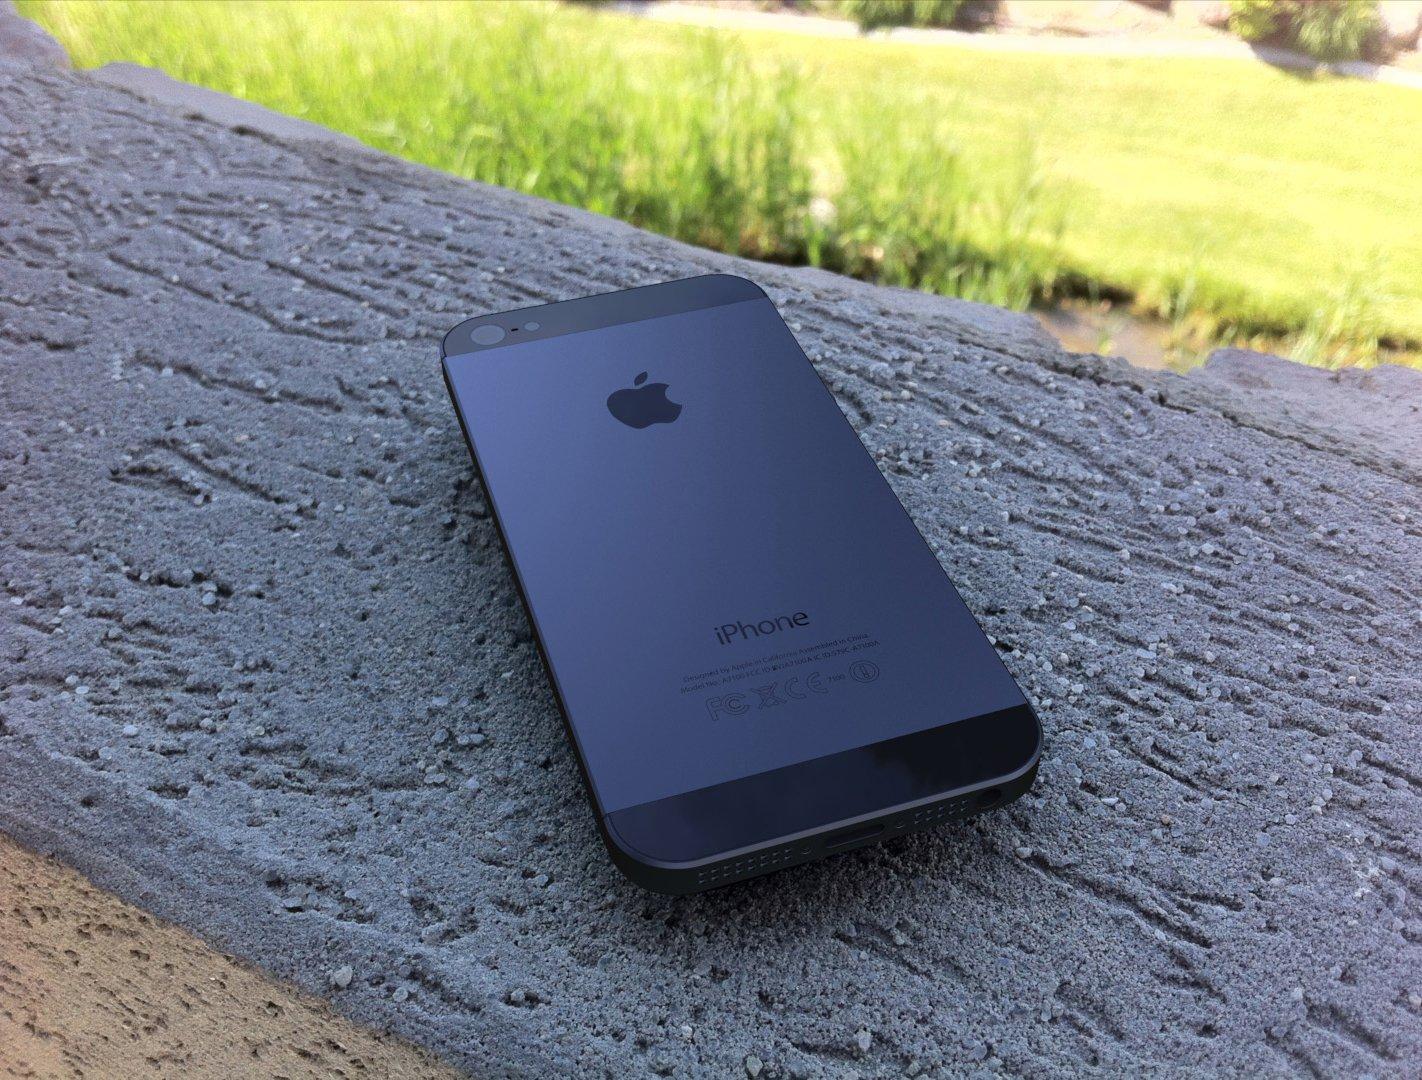 OMG! Unglaubliche iPhone 5S Fotos & Bilder!! 1